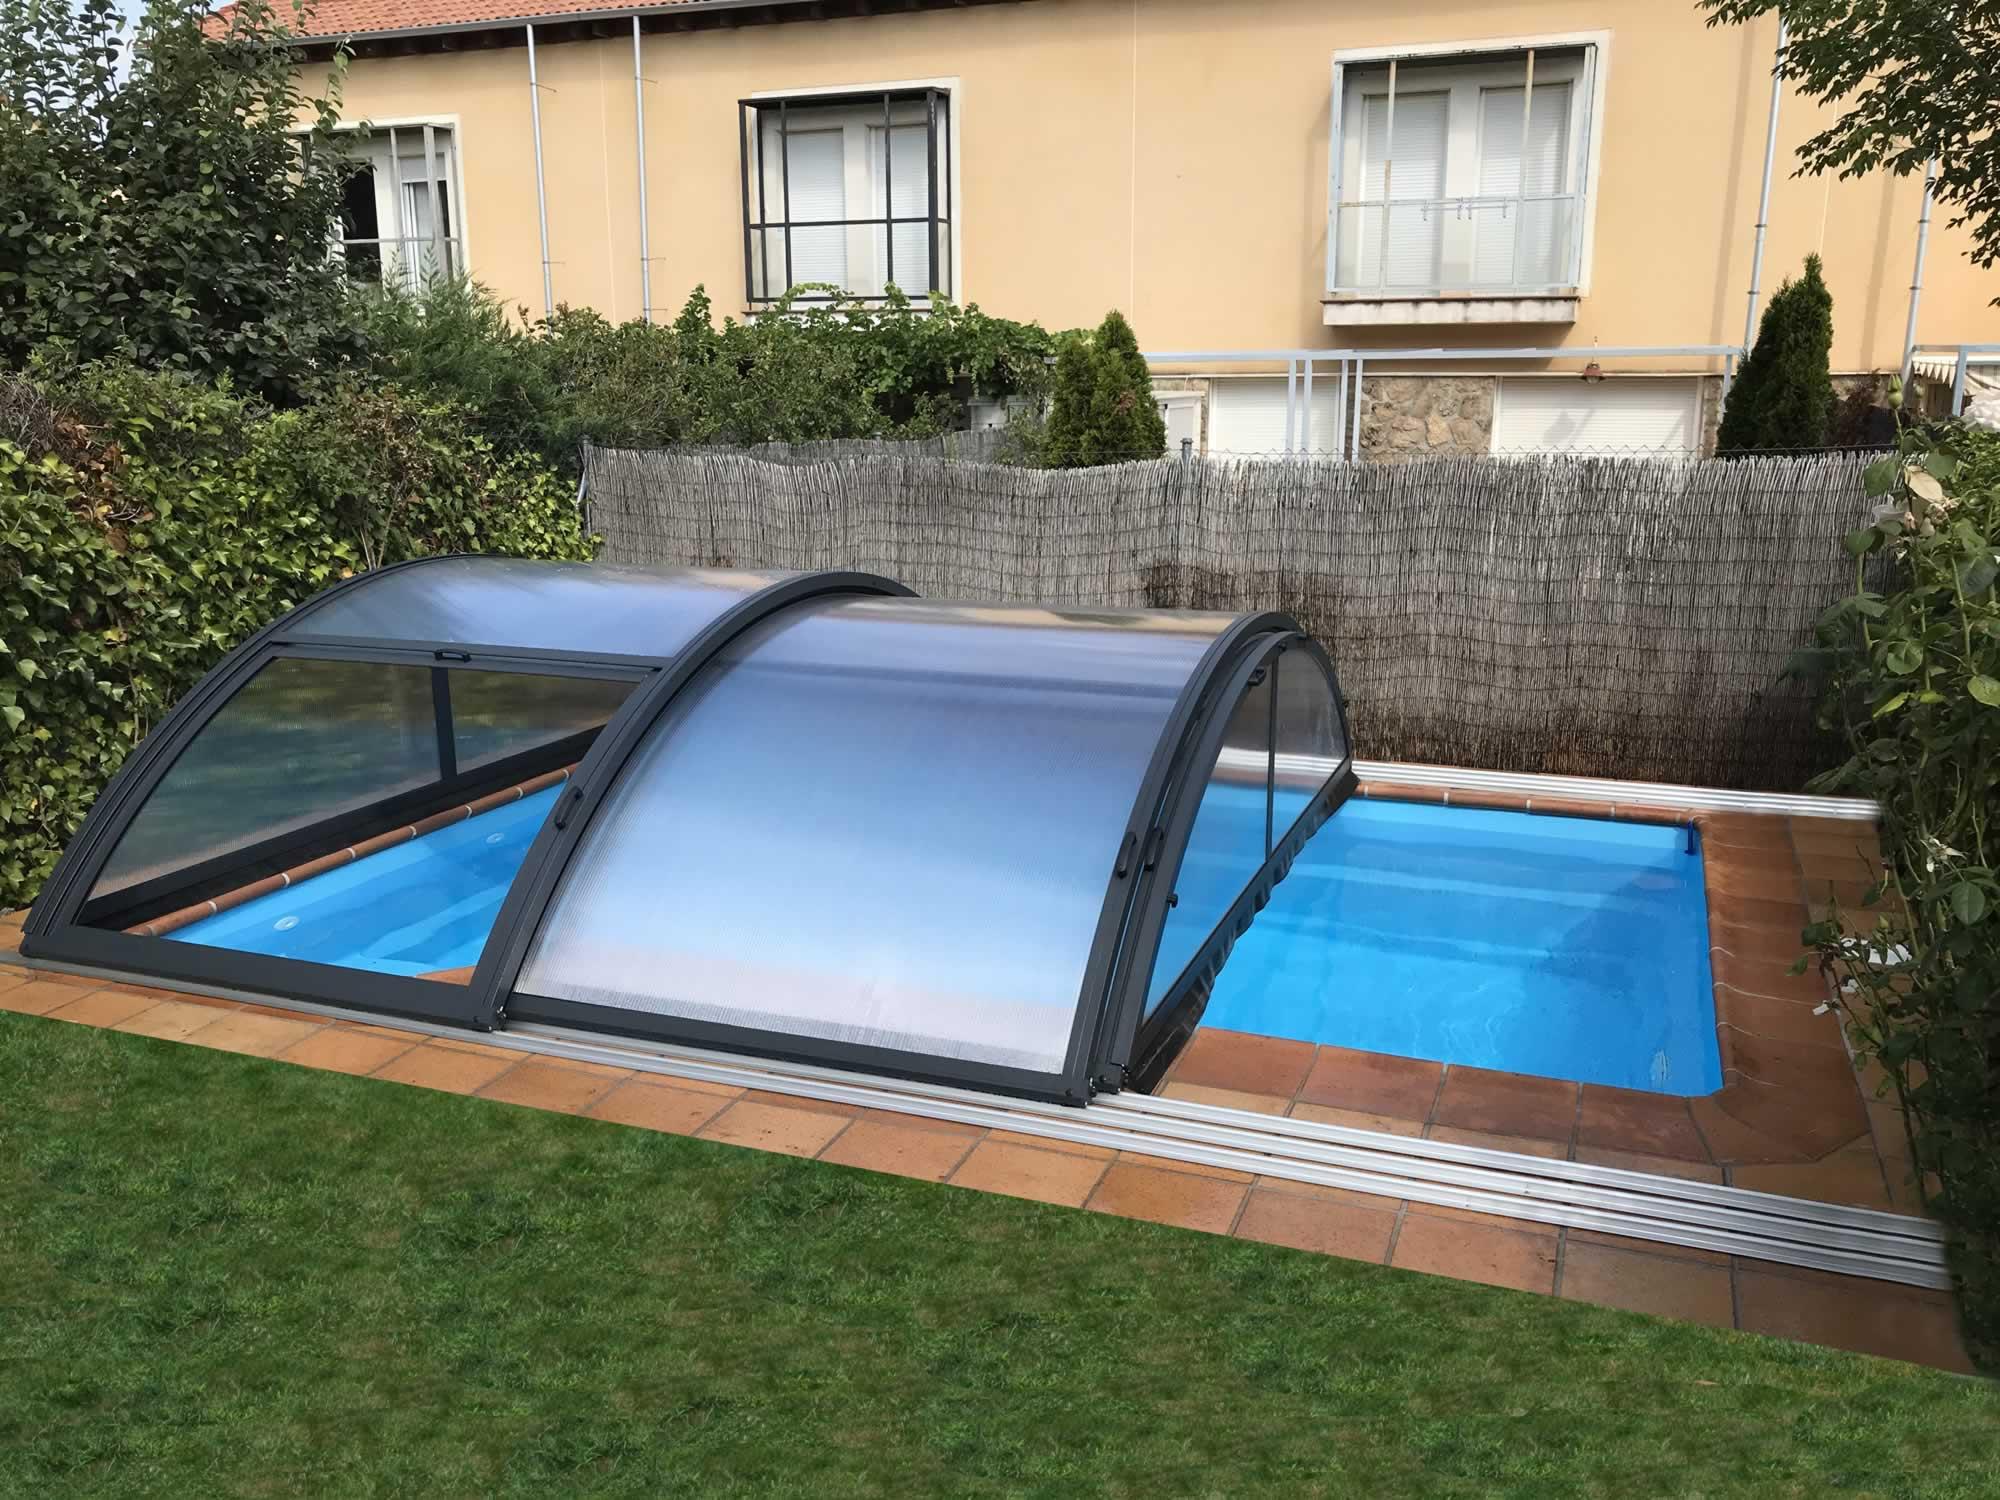 Cubierta Teide con carriles: Cerramientos de policarbonato alto y fijo para piscina en Segovia semiabierta